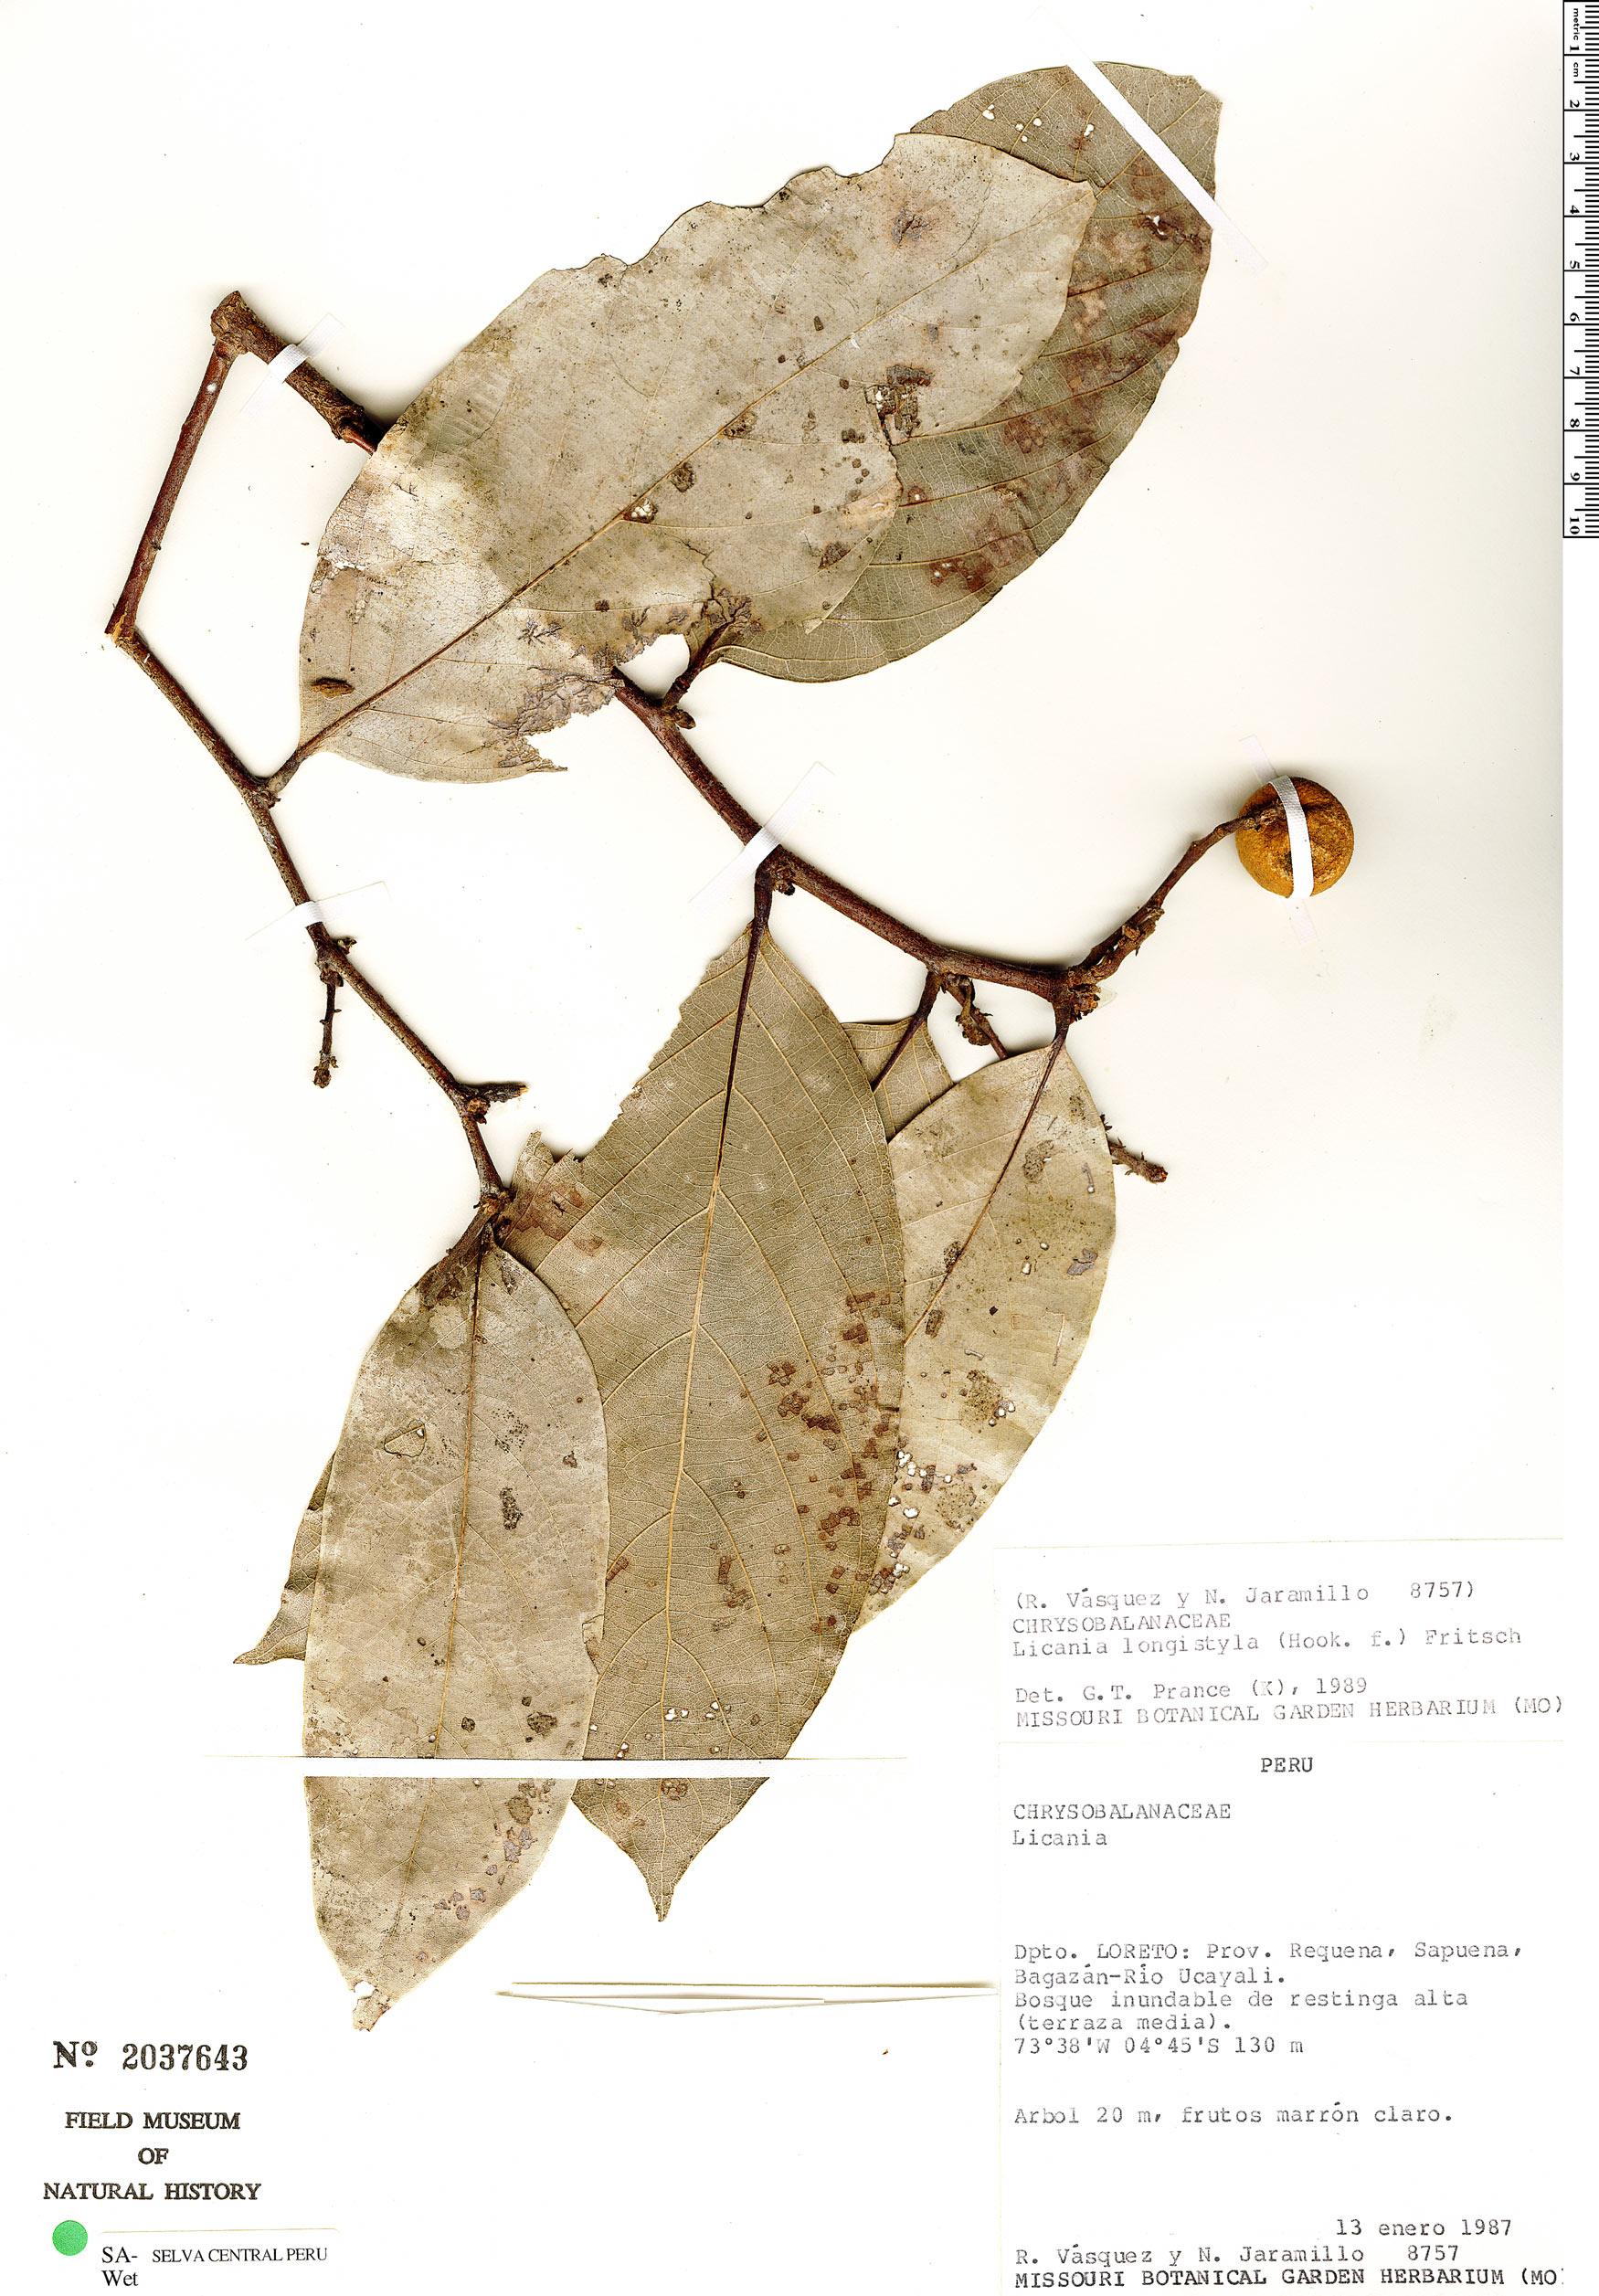 Specimen: Licania longistyla